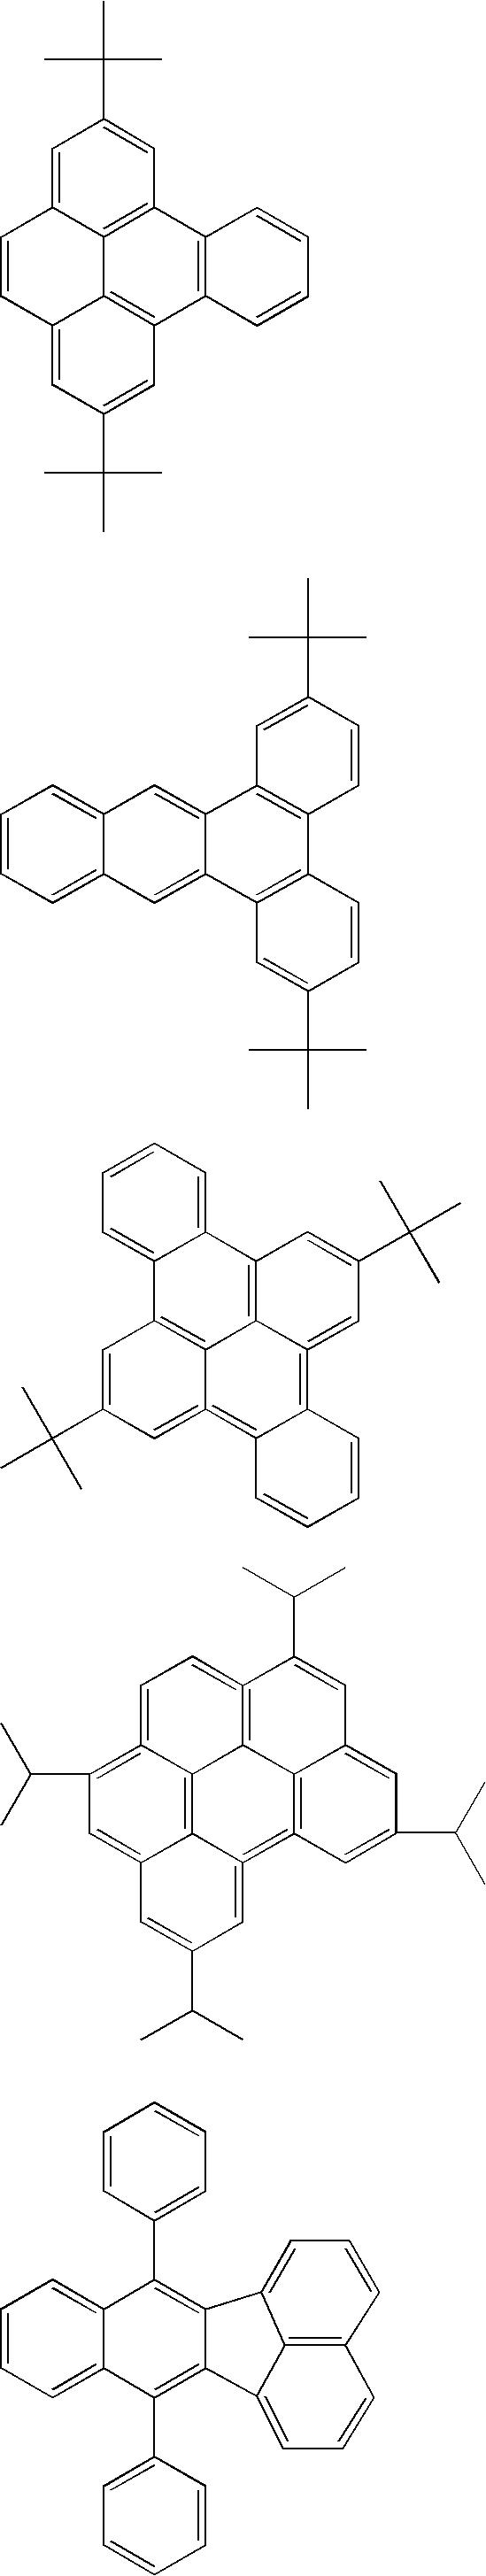 Figure US07528542-20090505-C00024